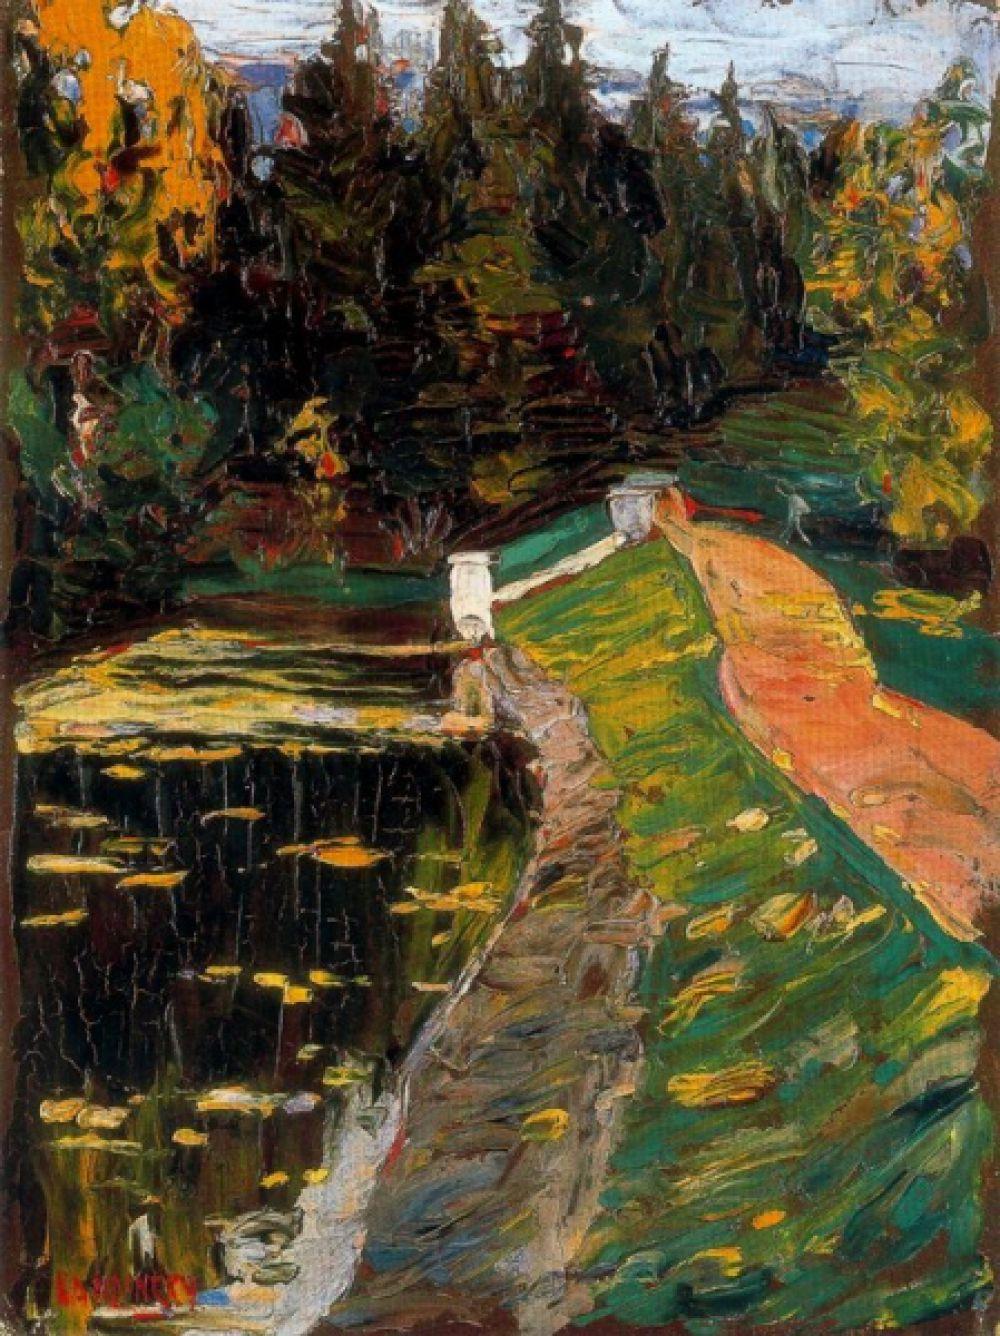 В 29 лет Кандинский оказался на выставке импрессионистов в Москве и под впечатлением от «Стога сена» Моне решил стать художником. Параллельно с этим он устроился на работу художественным директором типографии «Товарищества И. Н. Кушнерёва и К°» в Москве.